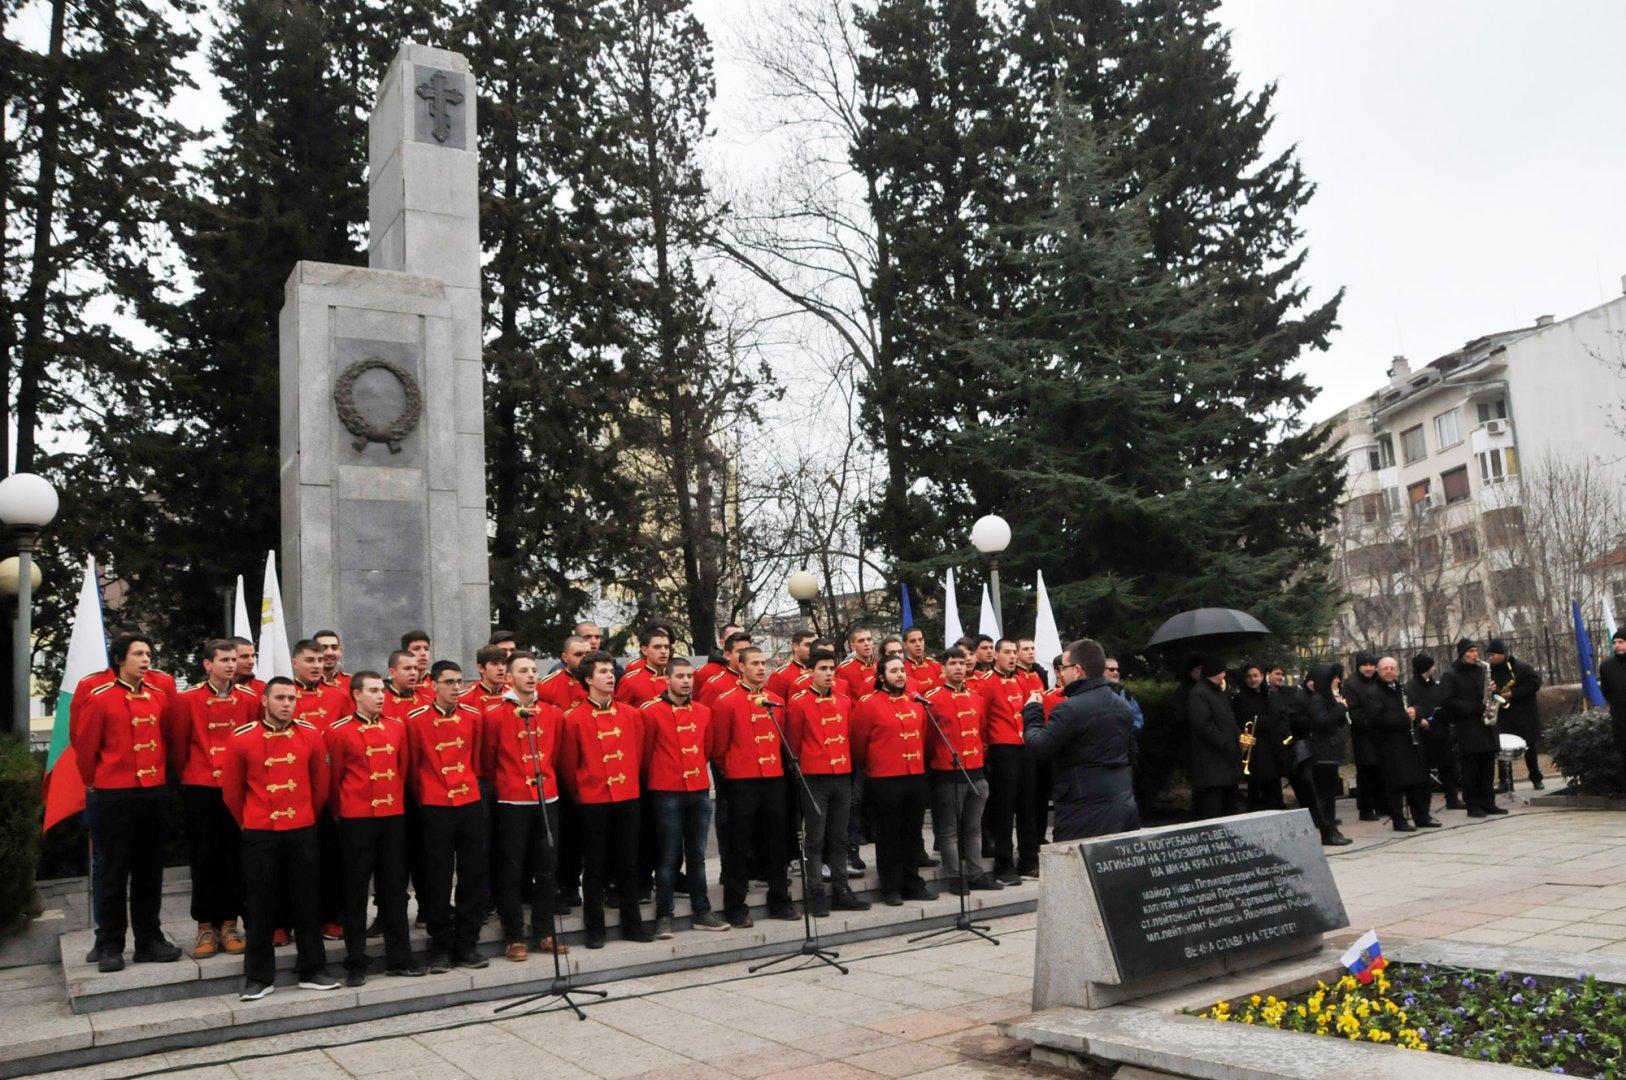 С патриотични песни, изпълнени от хора на ПГЕЕ Константин Фотинов, започна тържеството по случай 141 г. от освобождението на Бургас. Снимка Лина Главинова